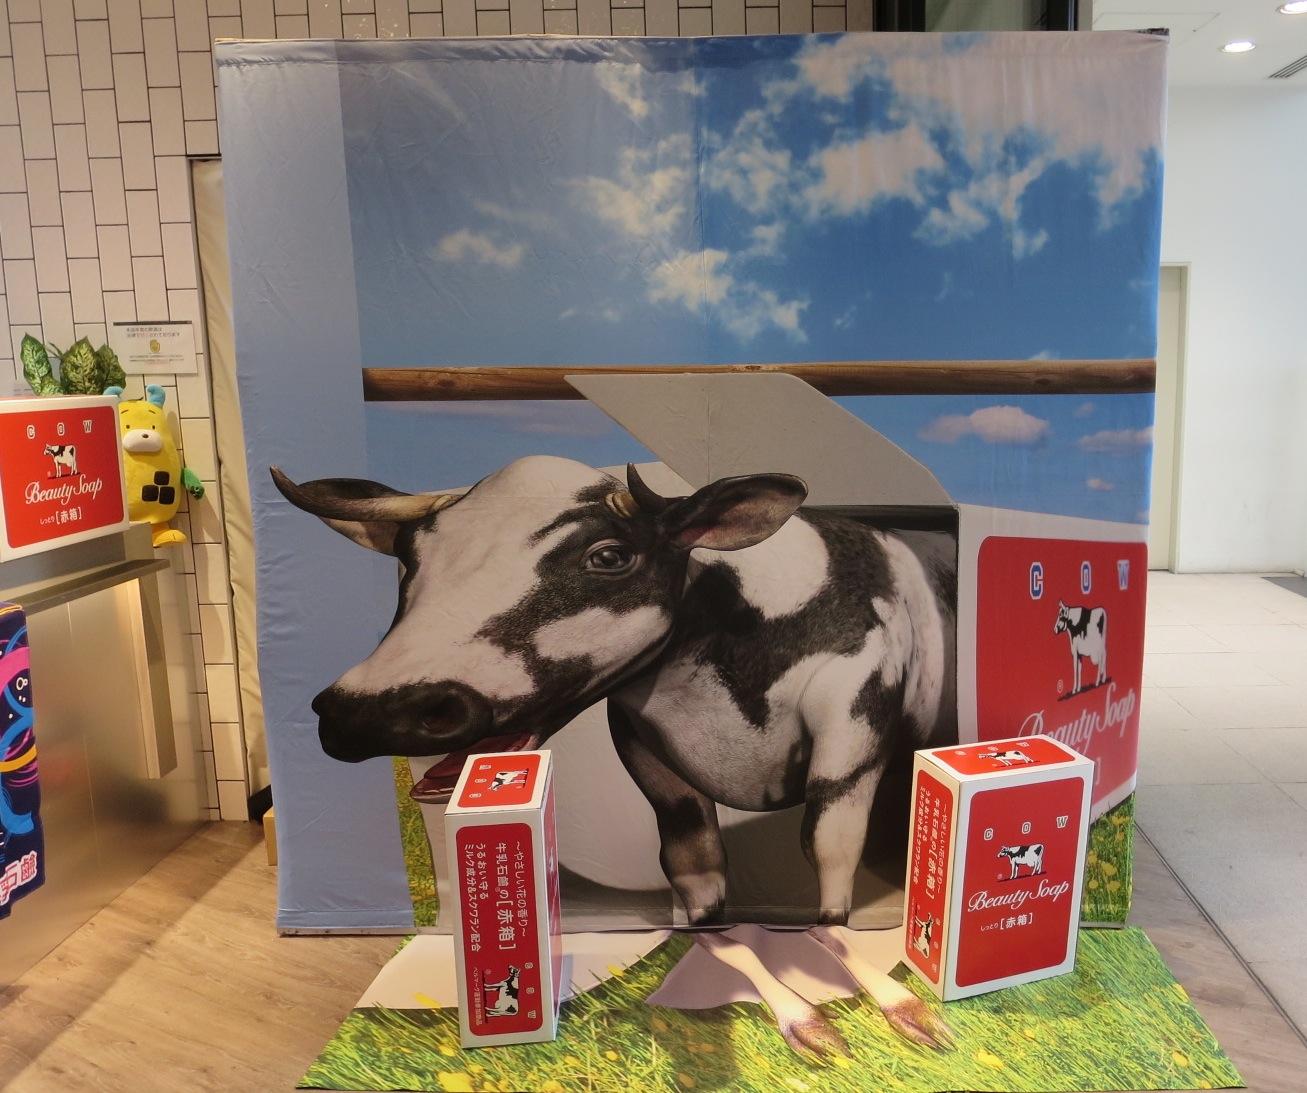 いいふろまつり2019in TOKYO/牛乳石鹸共進社が東西で